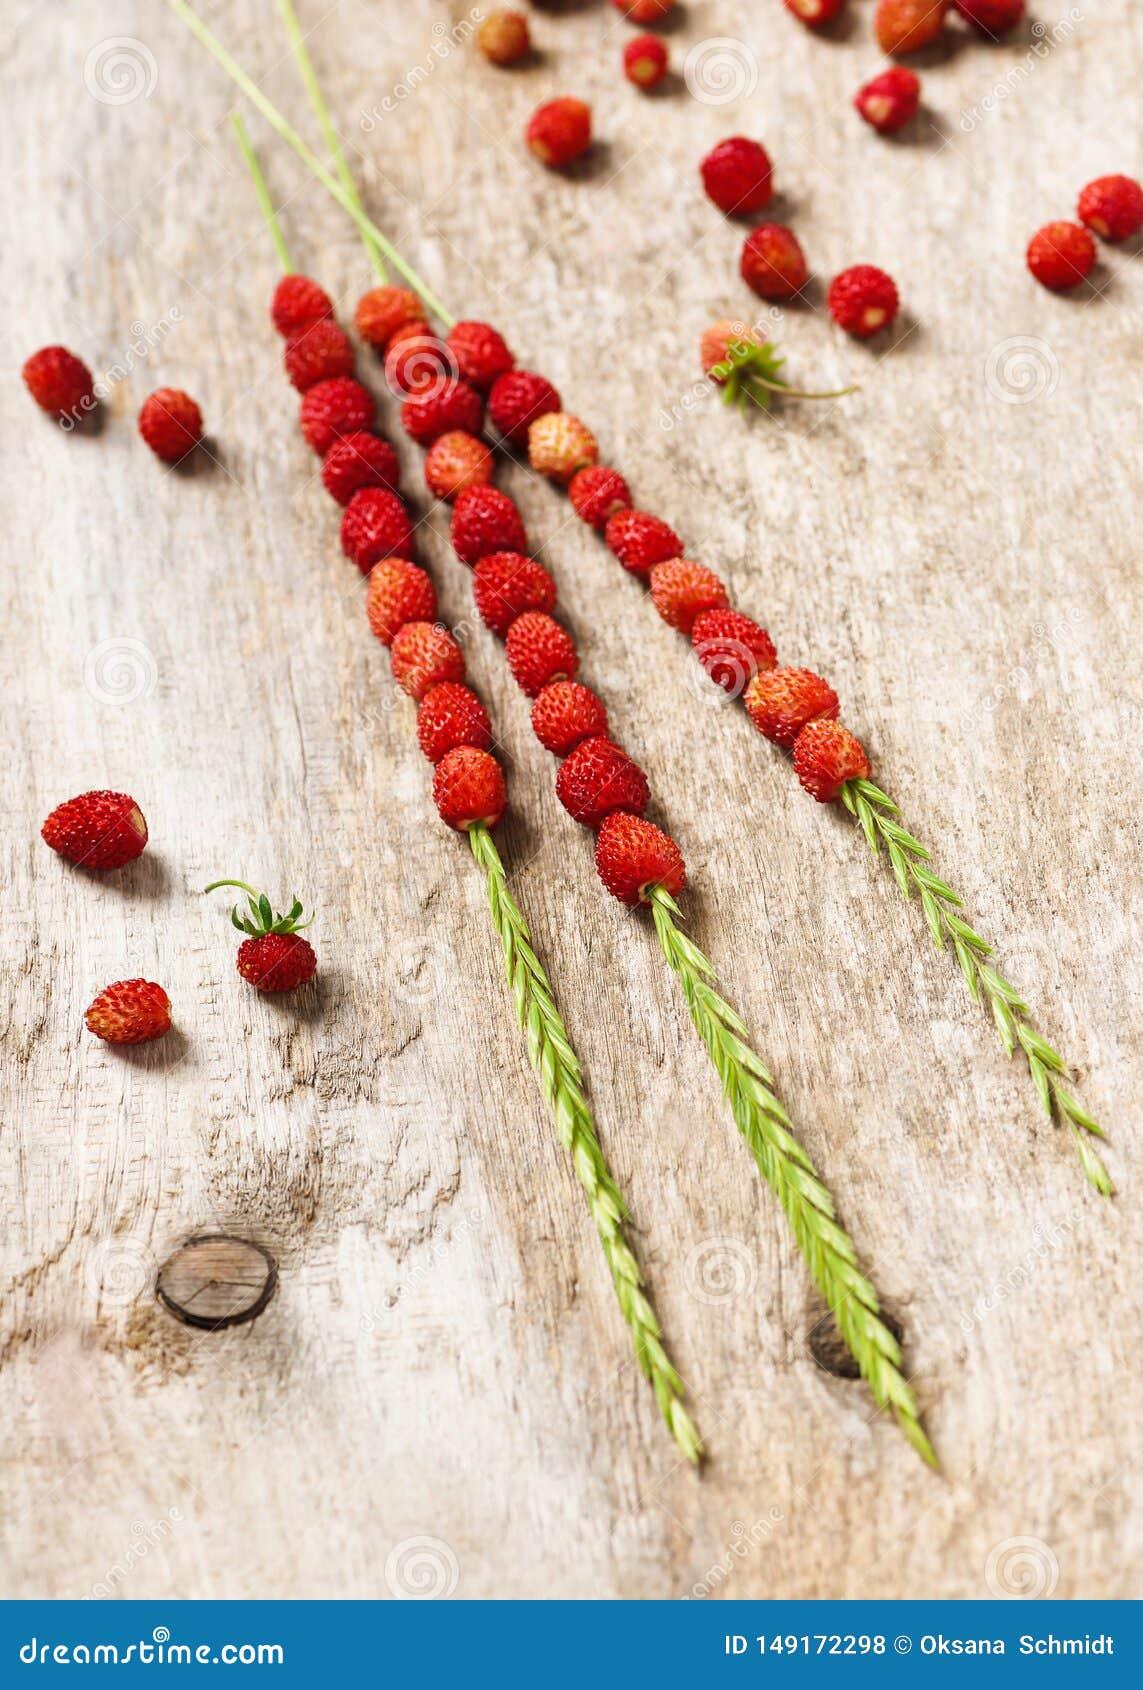 Πρόσφατα επιλεγμένο κόκκινο - οι εύγευστες άγριες φράουλες σε μια χλόη προέρχονται